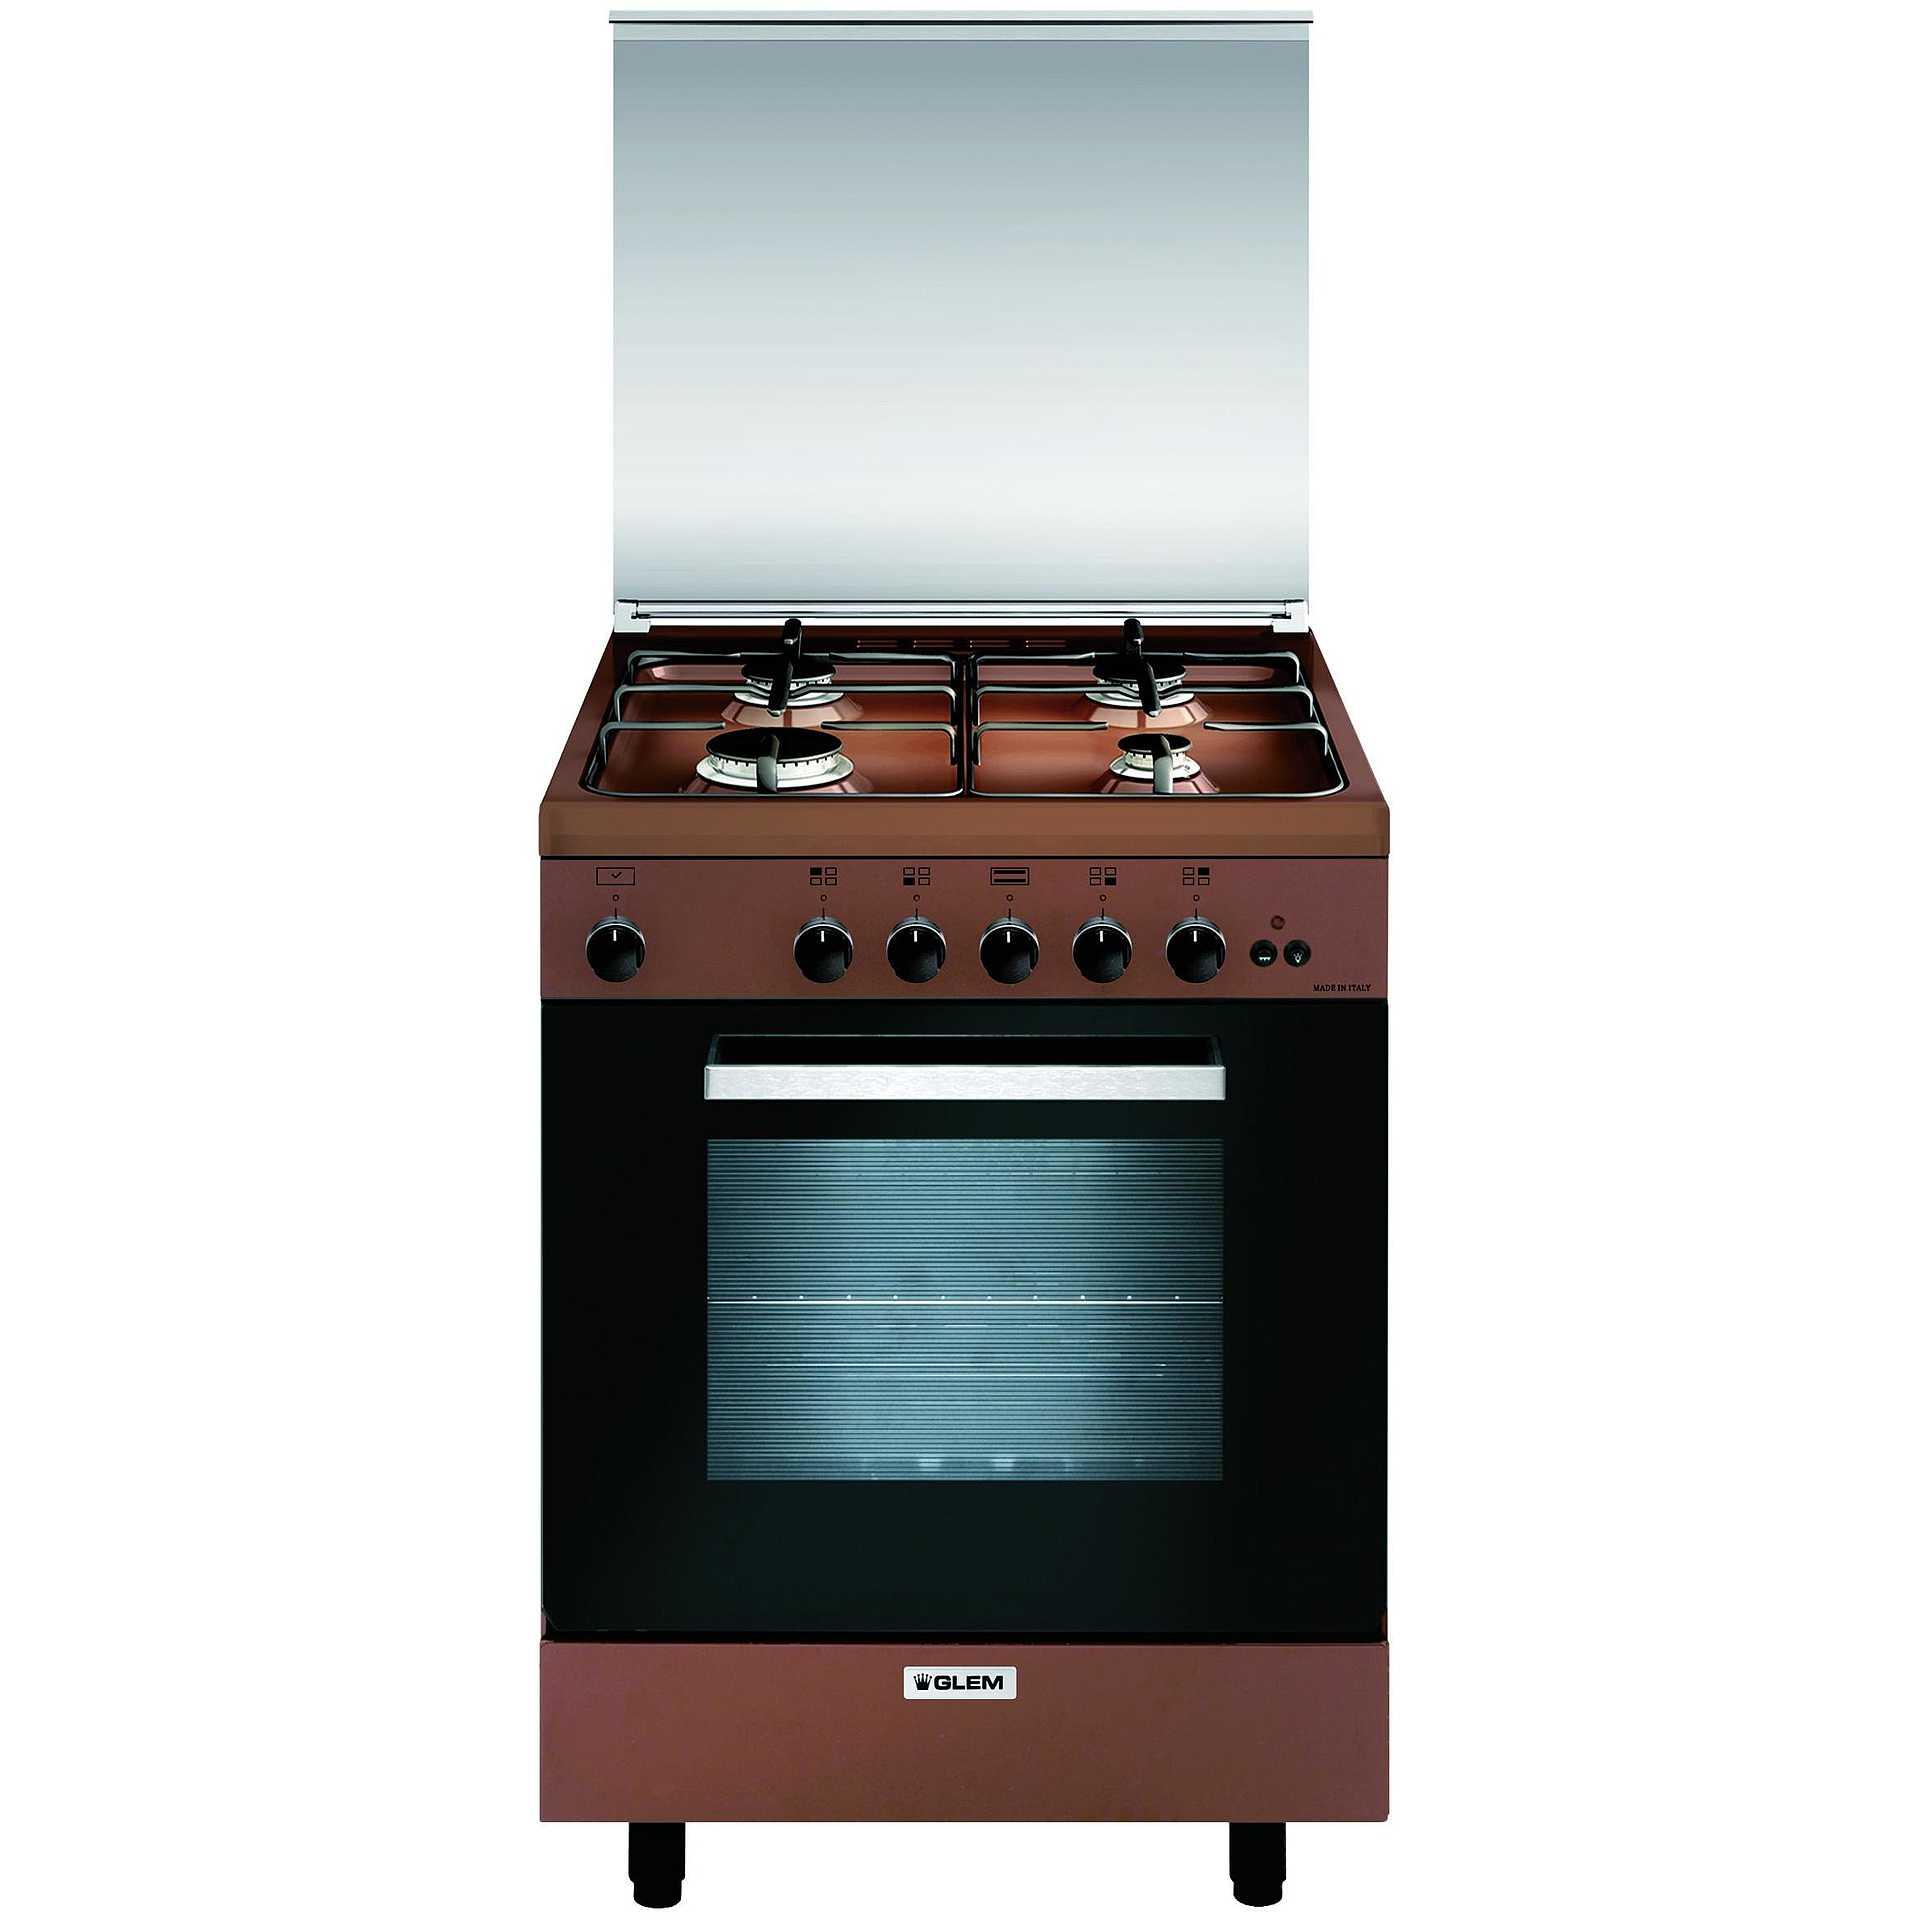 Glem Gas A664gc Cucina 60x60 4 Fuochi A Gas Forno A Gas Con Grill Elettrico 70 Litri Classe A Colore Marrone Cucine Cucina 4 Fuochi Clickforshop